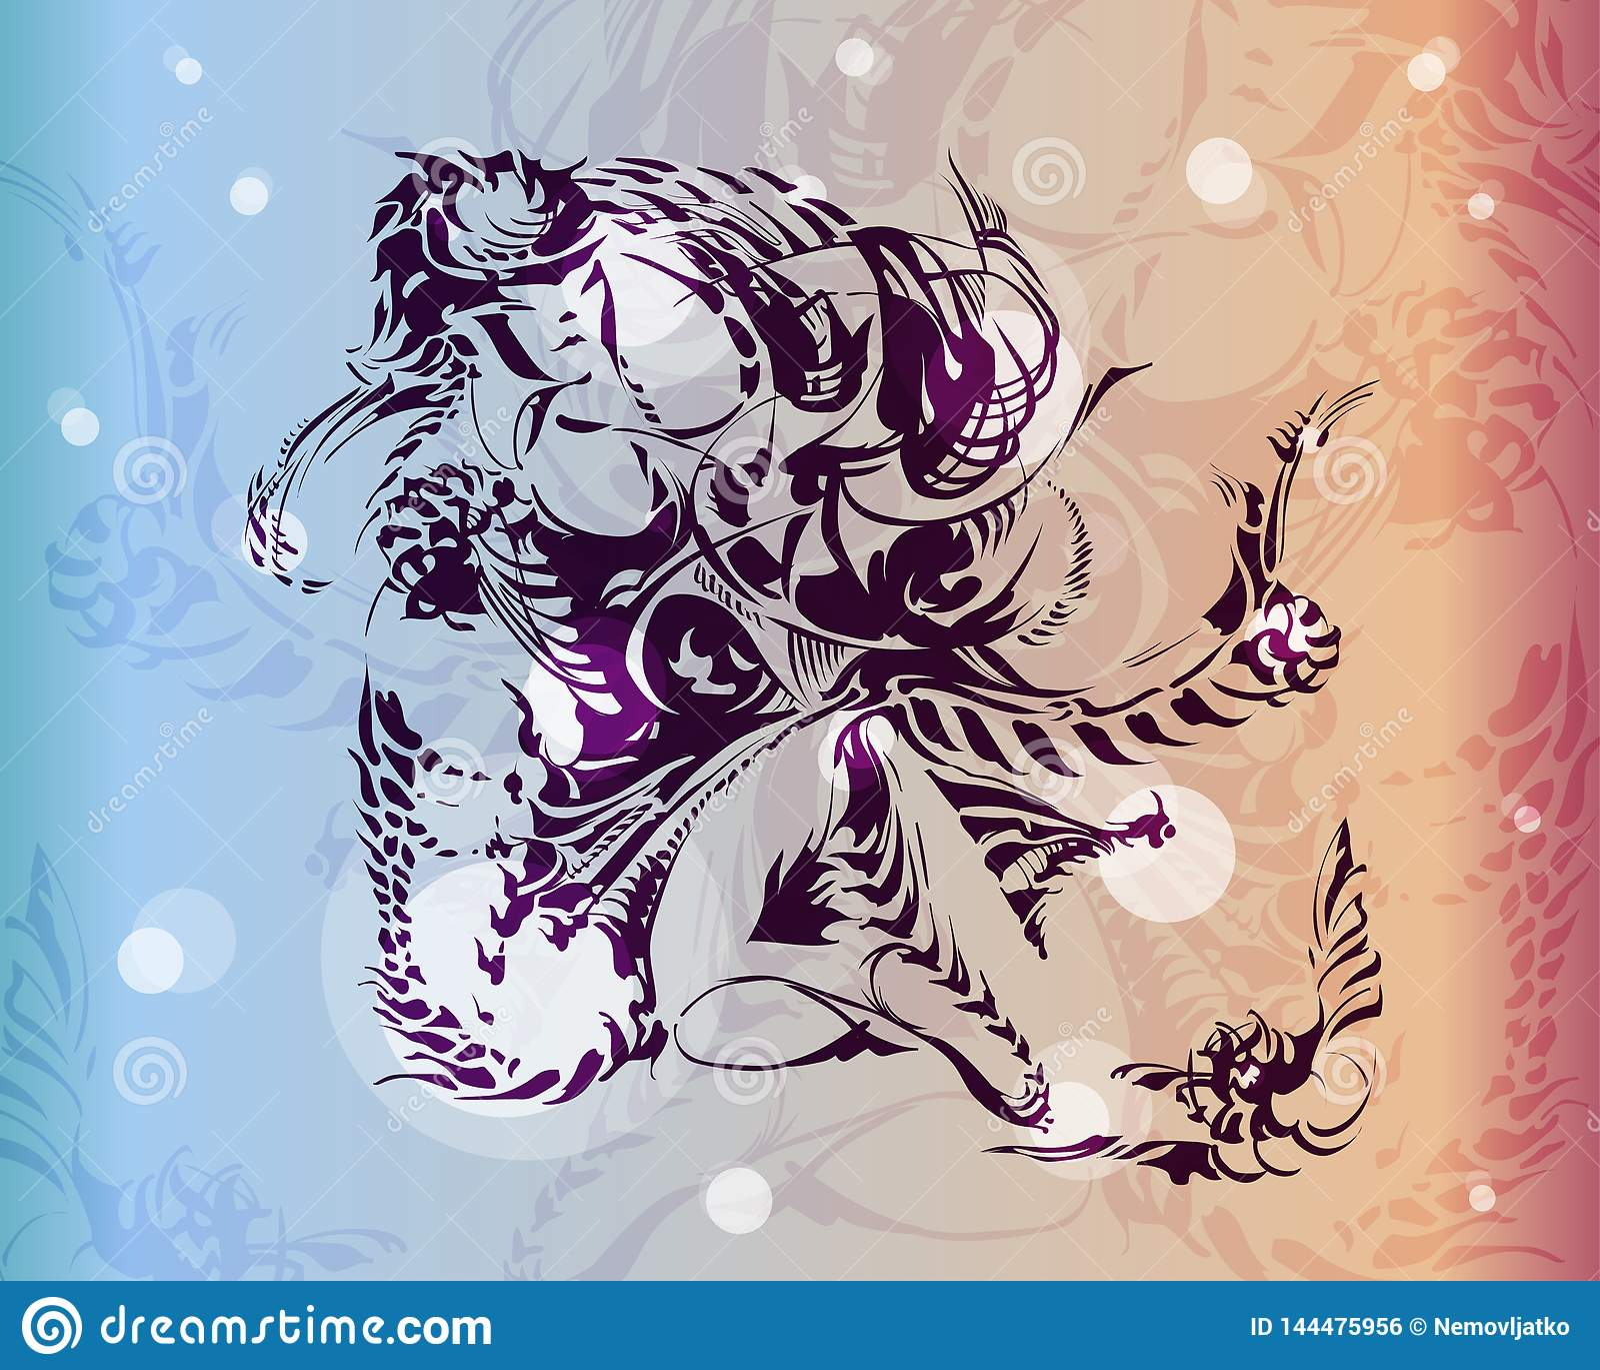 La siluetta della chimera è disegnata con inchiostro